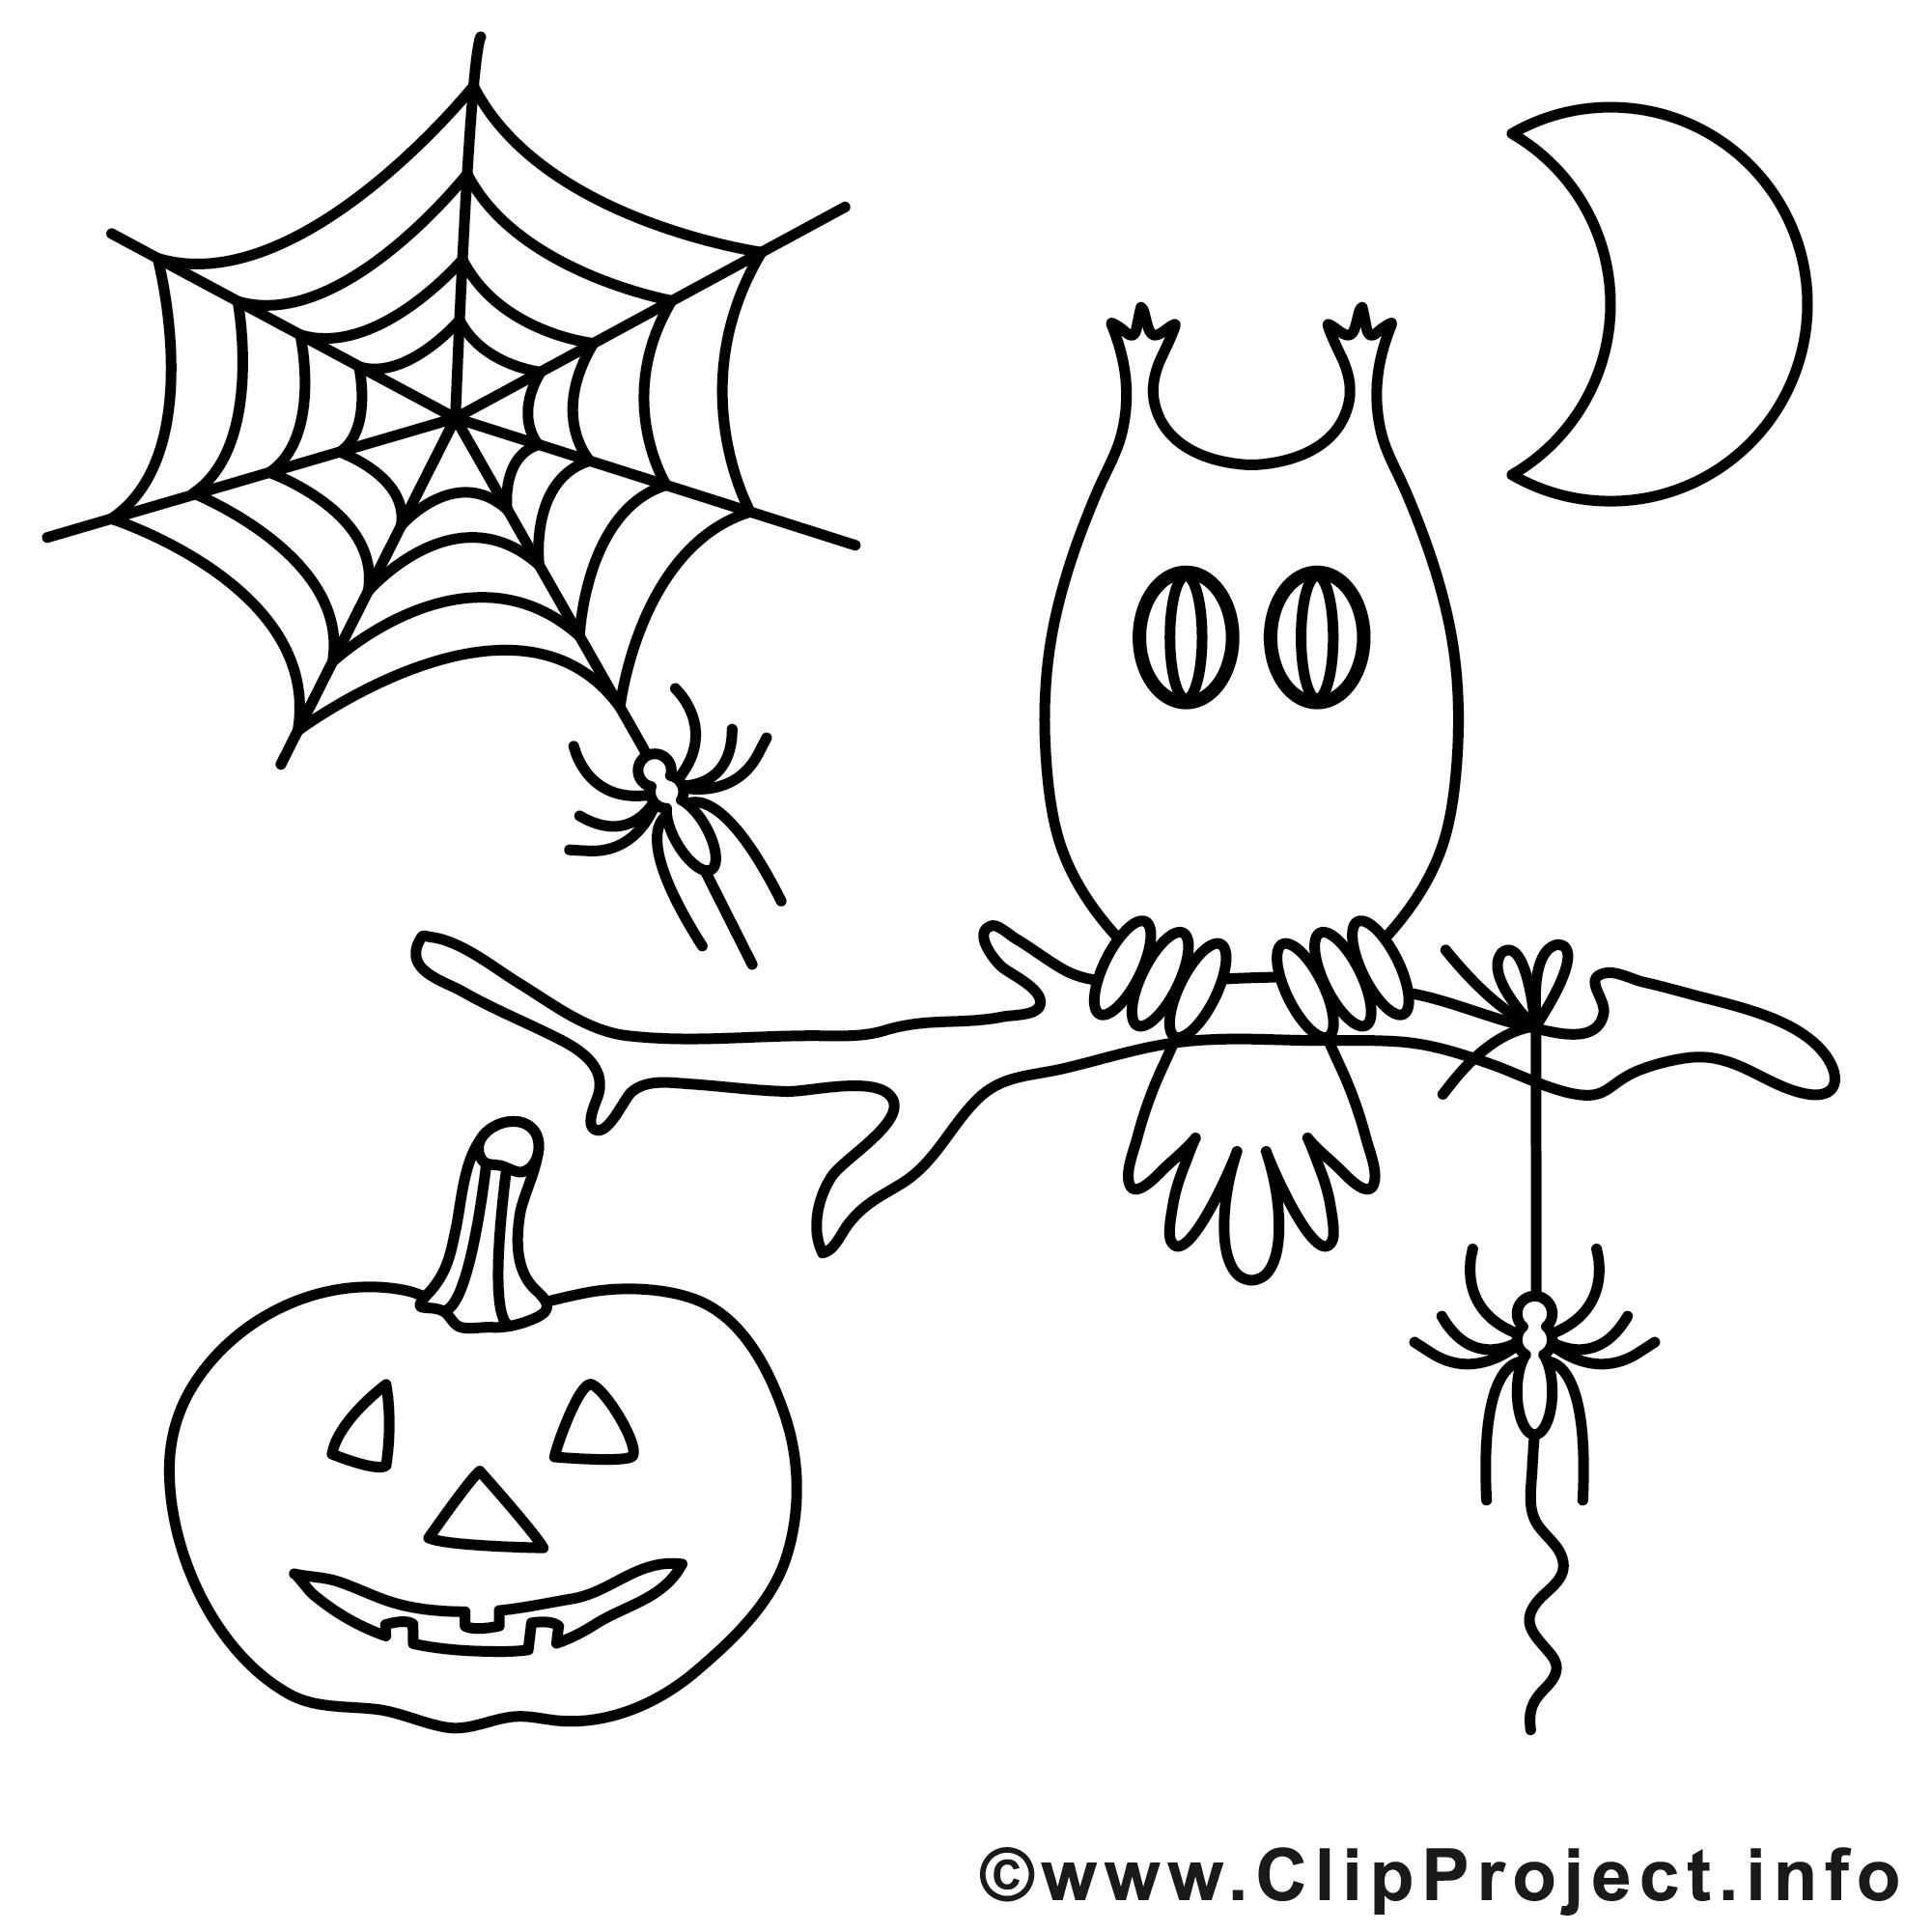 Spinnennetz Mit Spinne Malvorlage Neu Halloween Malvorlagen Katze In Einem Hut Halloween Kürbis Sammlung